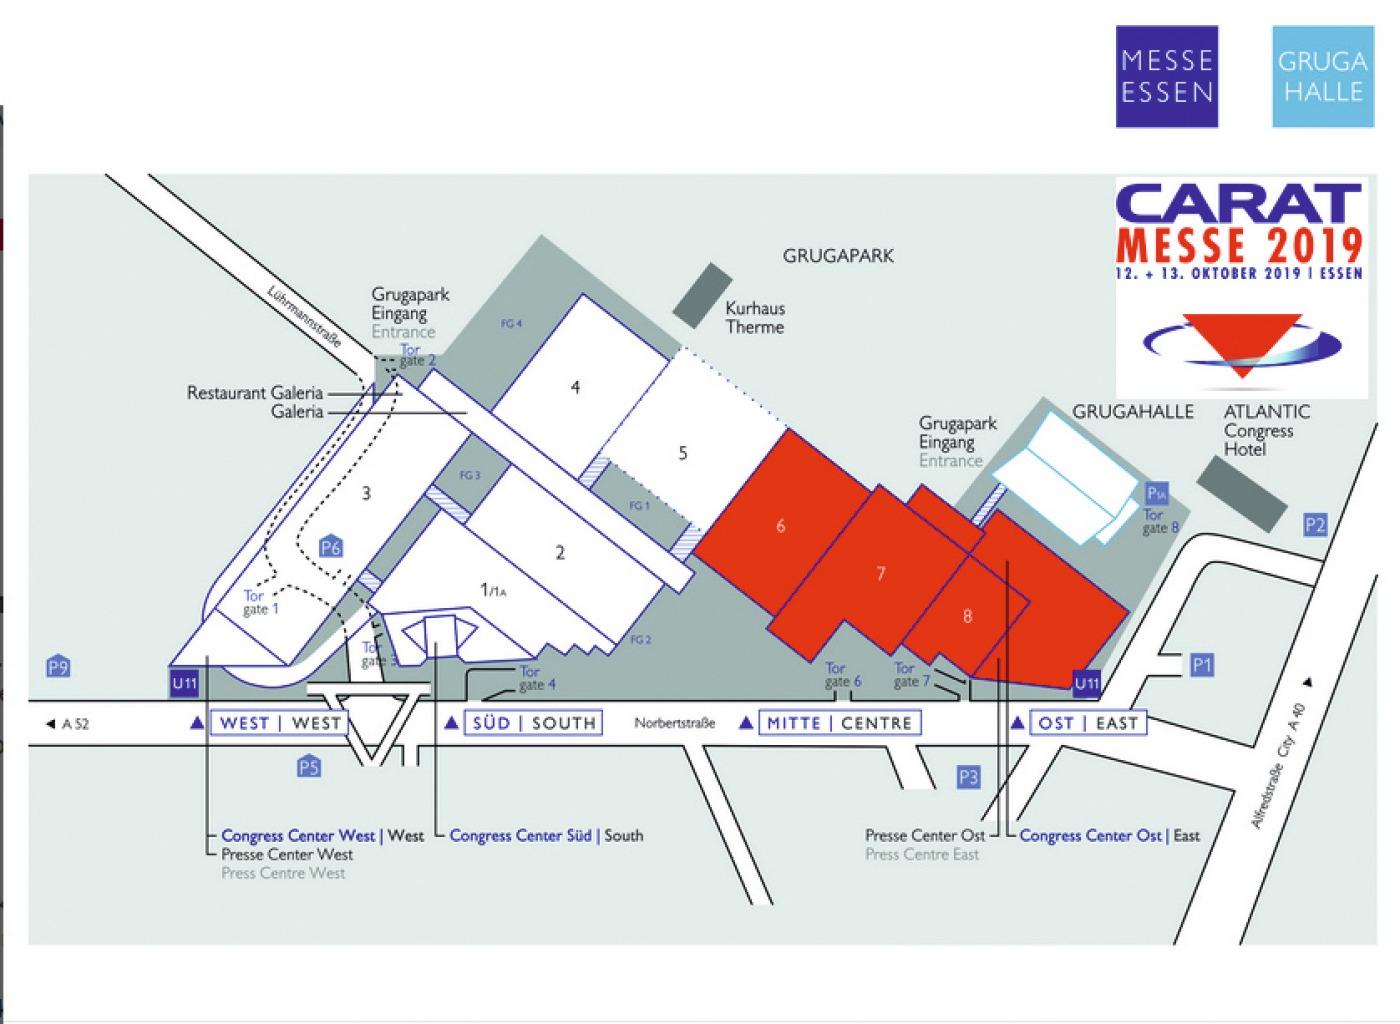 Messeplan der Carat-Messe 2019